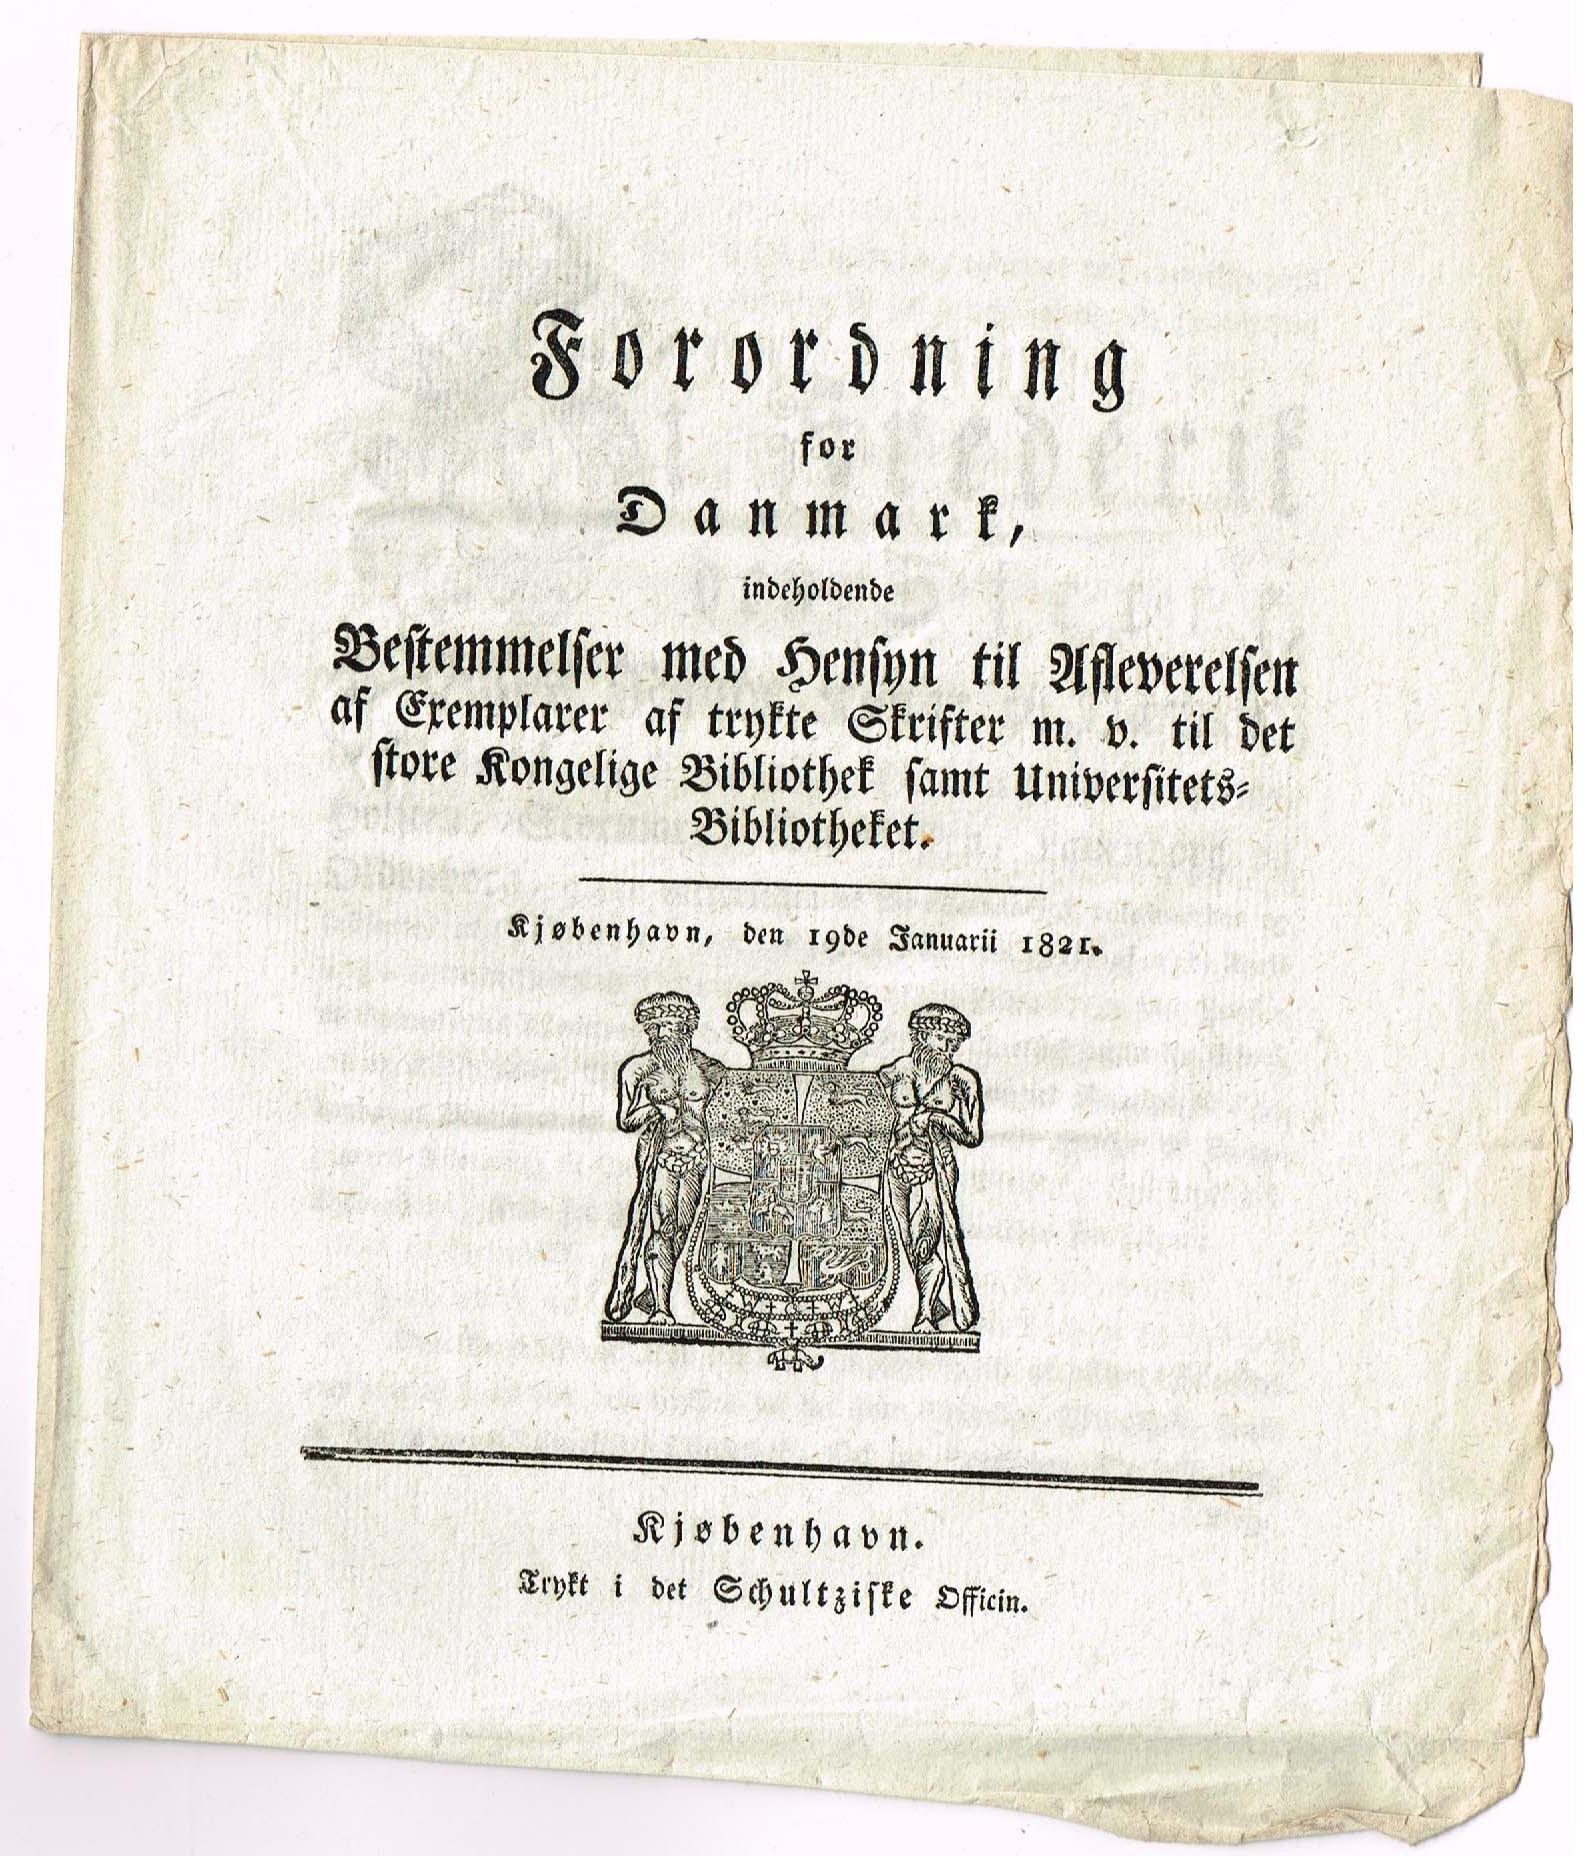 det kgl. bibliotek trykte skrifter forordning 1821